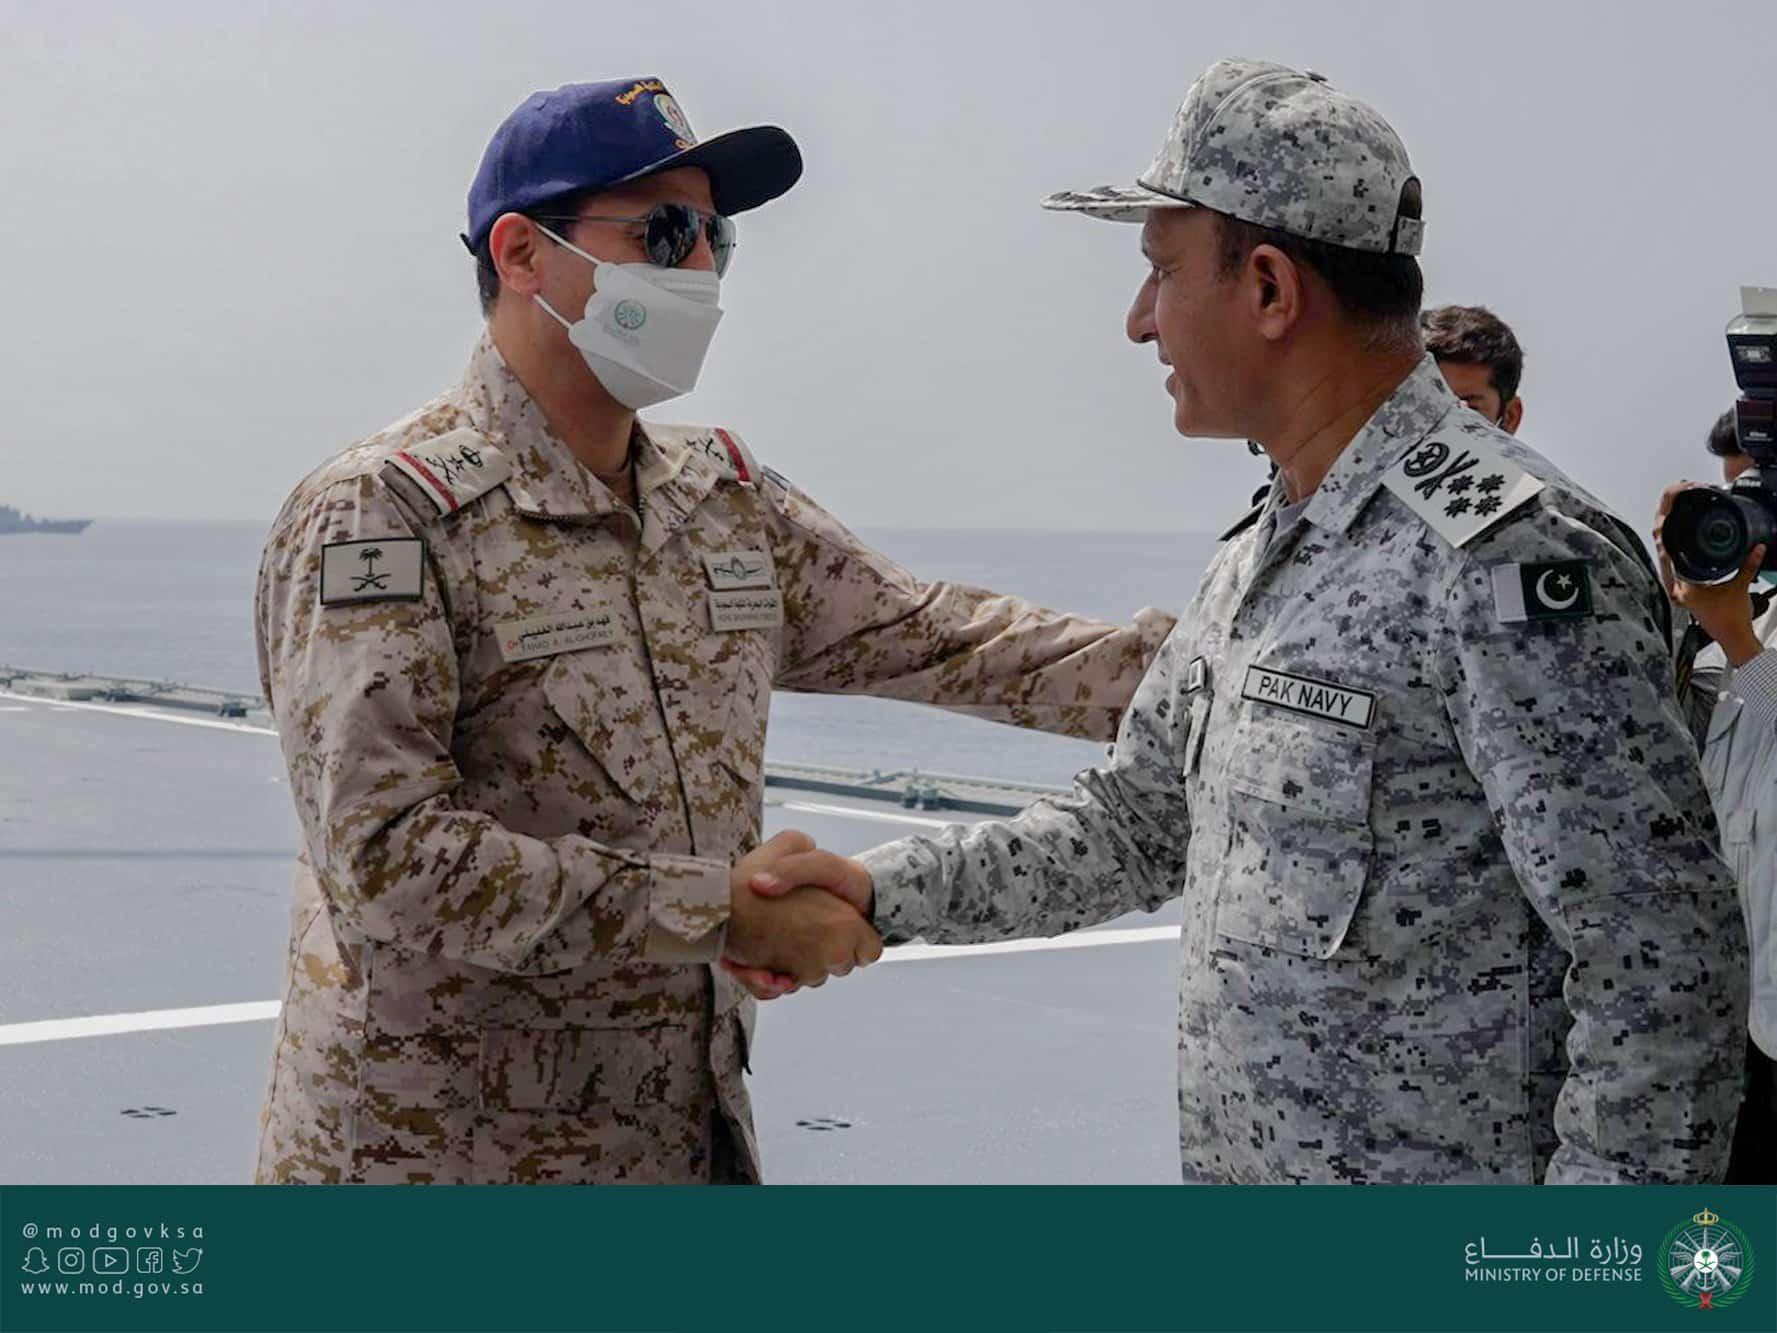 شاهد القوات البحرية الملكية السعودية تنفذ رماية إحترافيه بالصواريخ